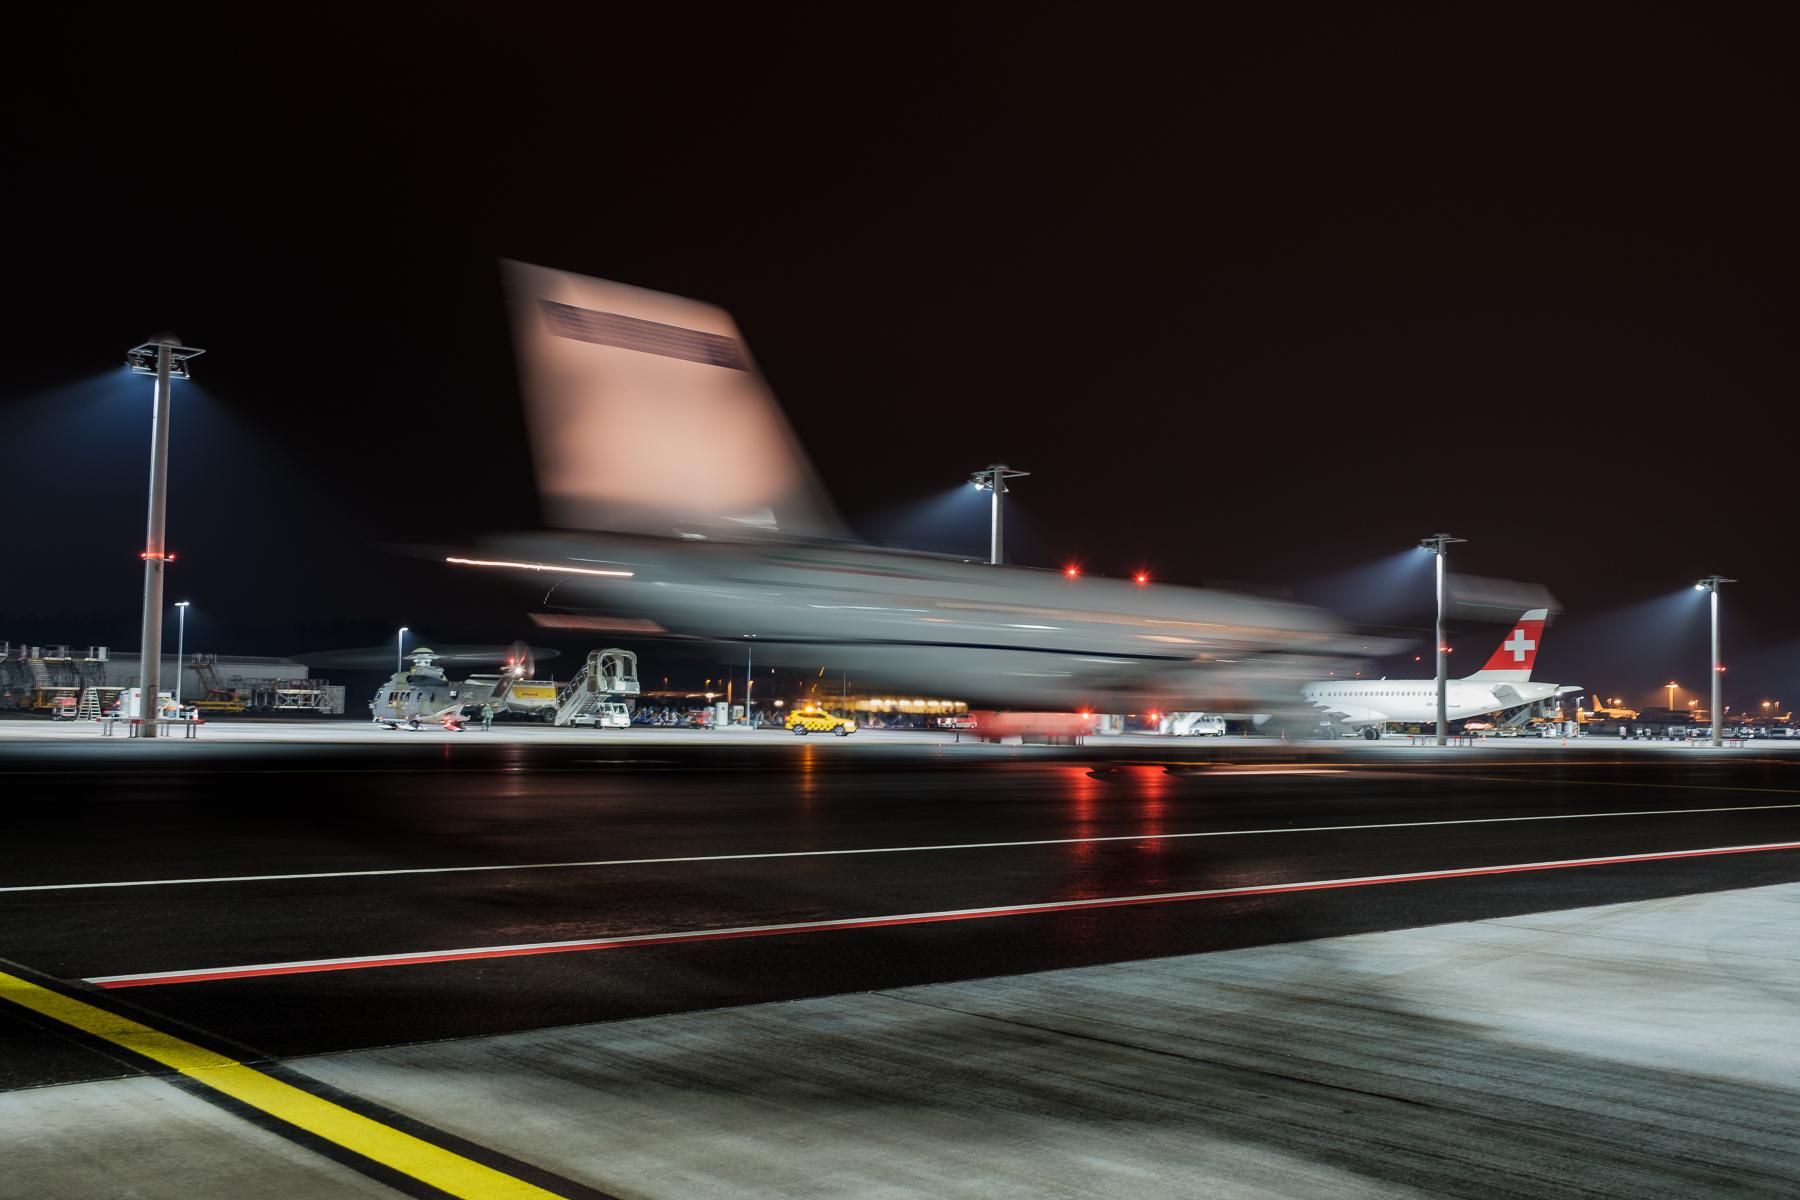 Flugzeuge Zürich-Kloten WEF 2019 - Hans-Peter Breiter - www.zeitbilder.ch